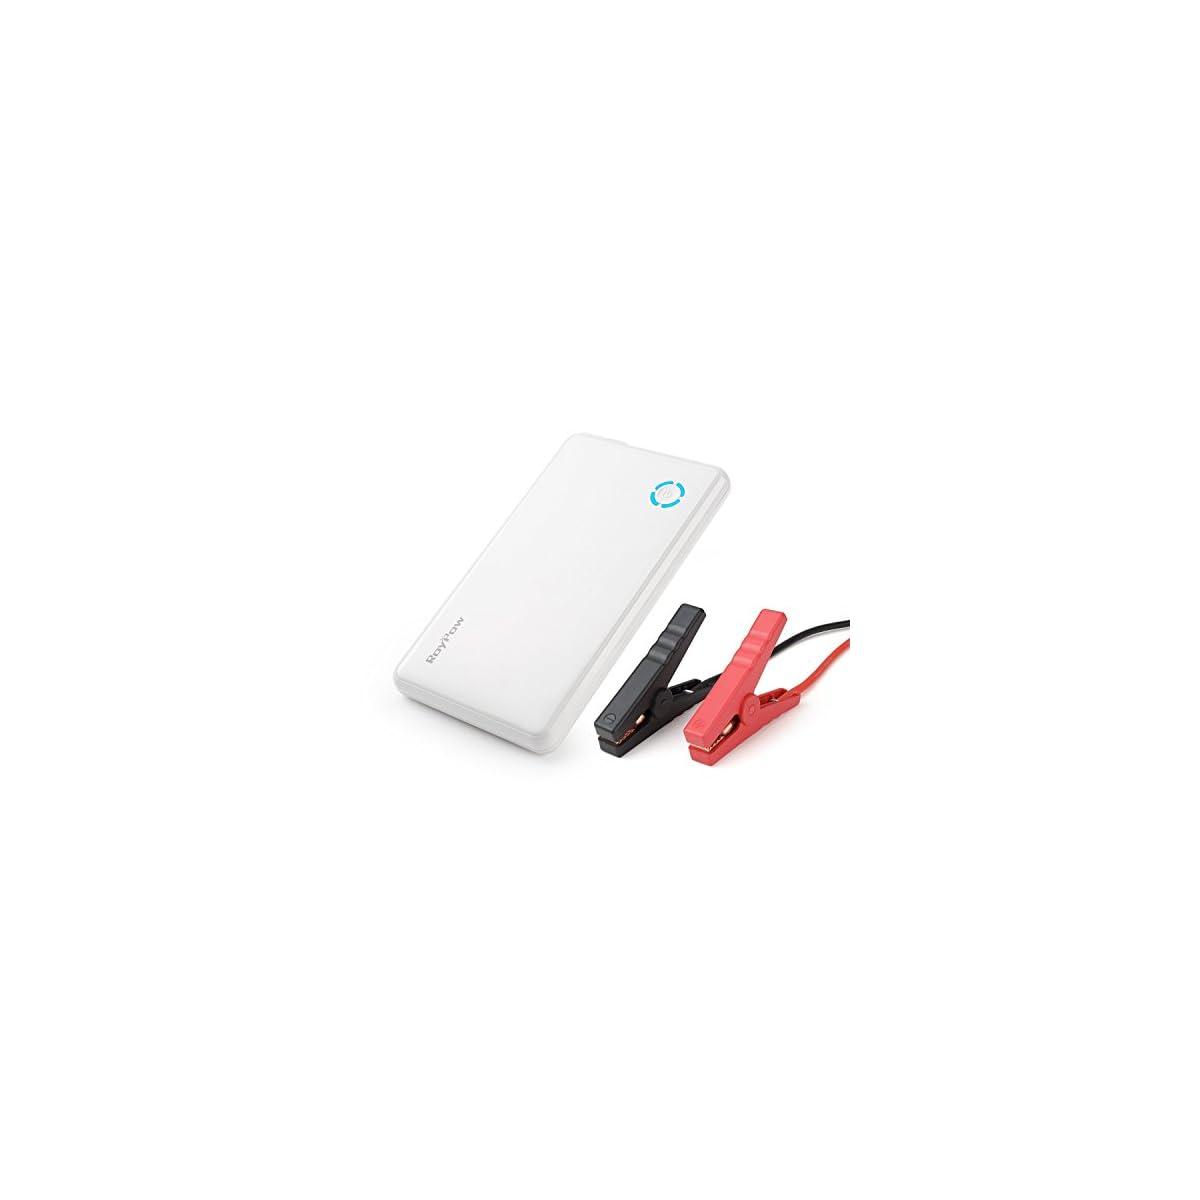 41Kc NjTWJL. SS1200  - Cargador de batería de 6000 mAh 300A y multifunción para arrancar el coche, cargador para encendido automático, teléfonos móviles y dispositivos electrónicos de puerto USB, de color negro mate, de la marca RoyPow